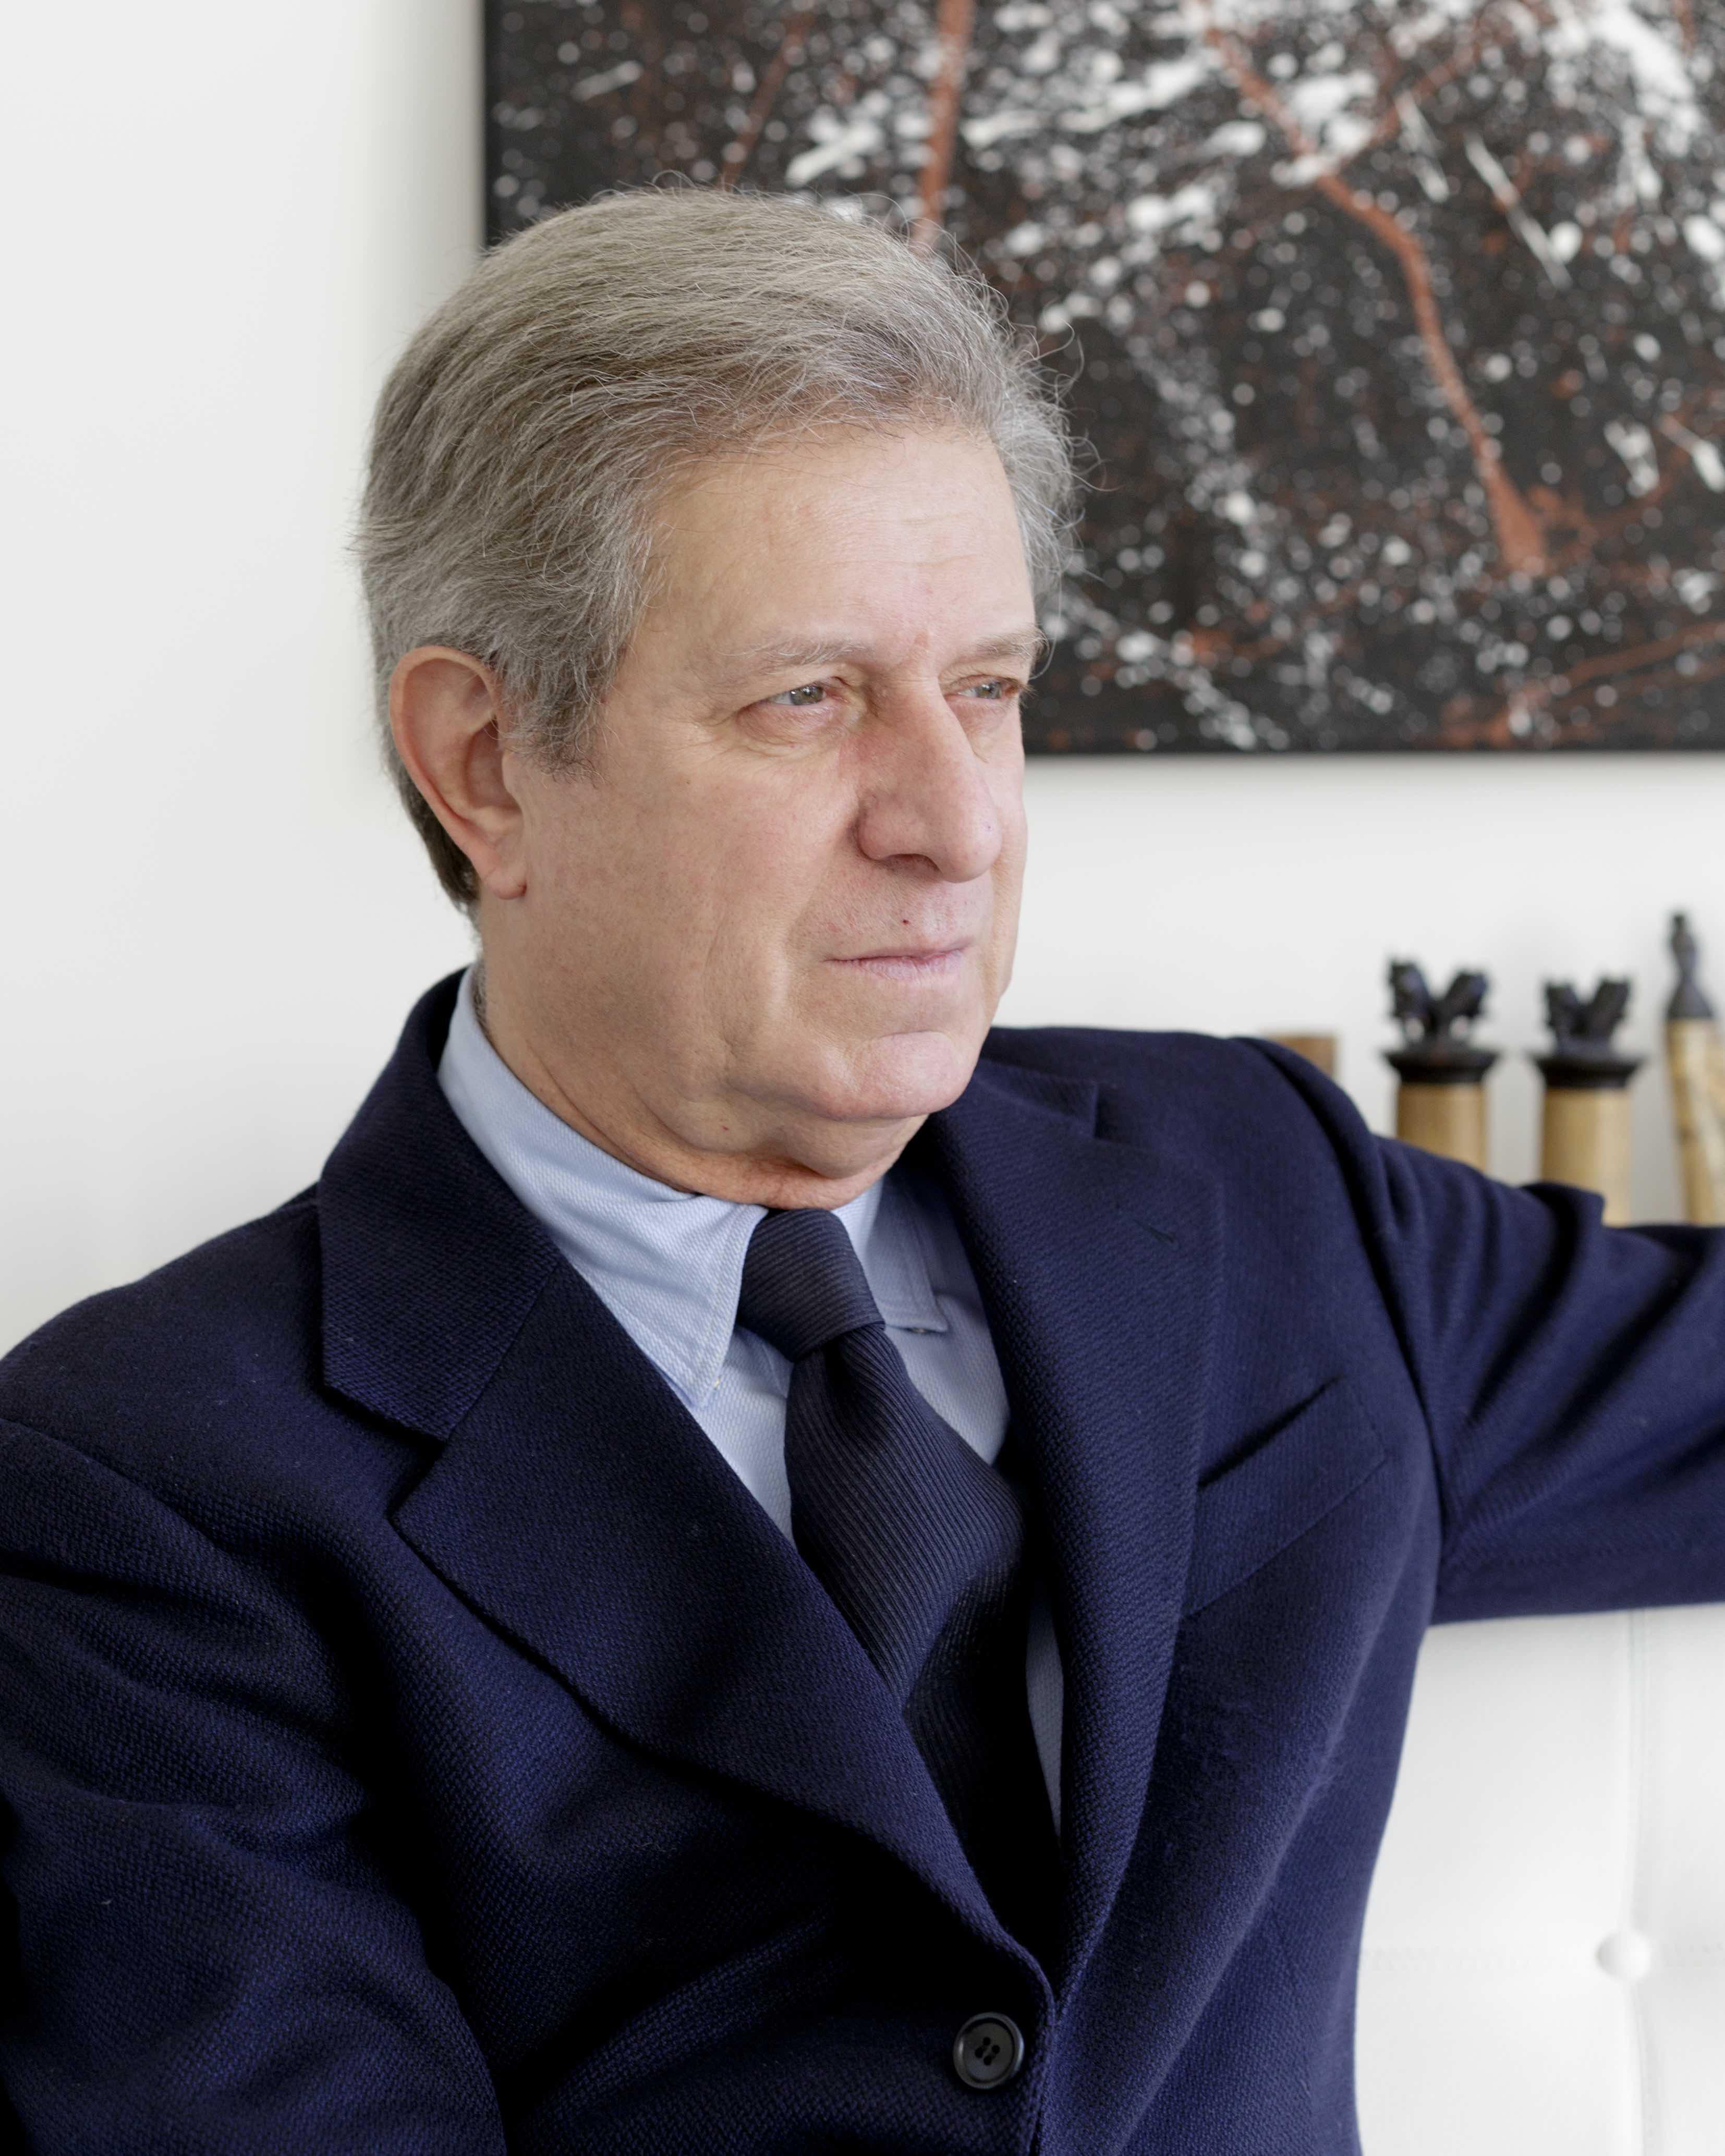 Carlo Maria Cella